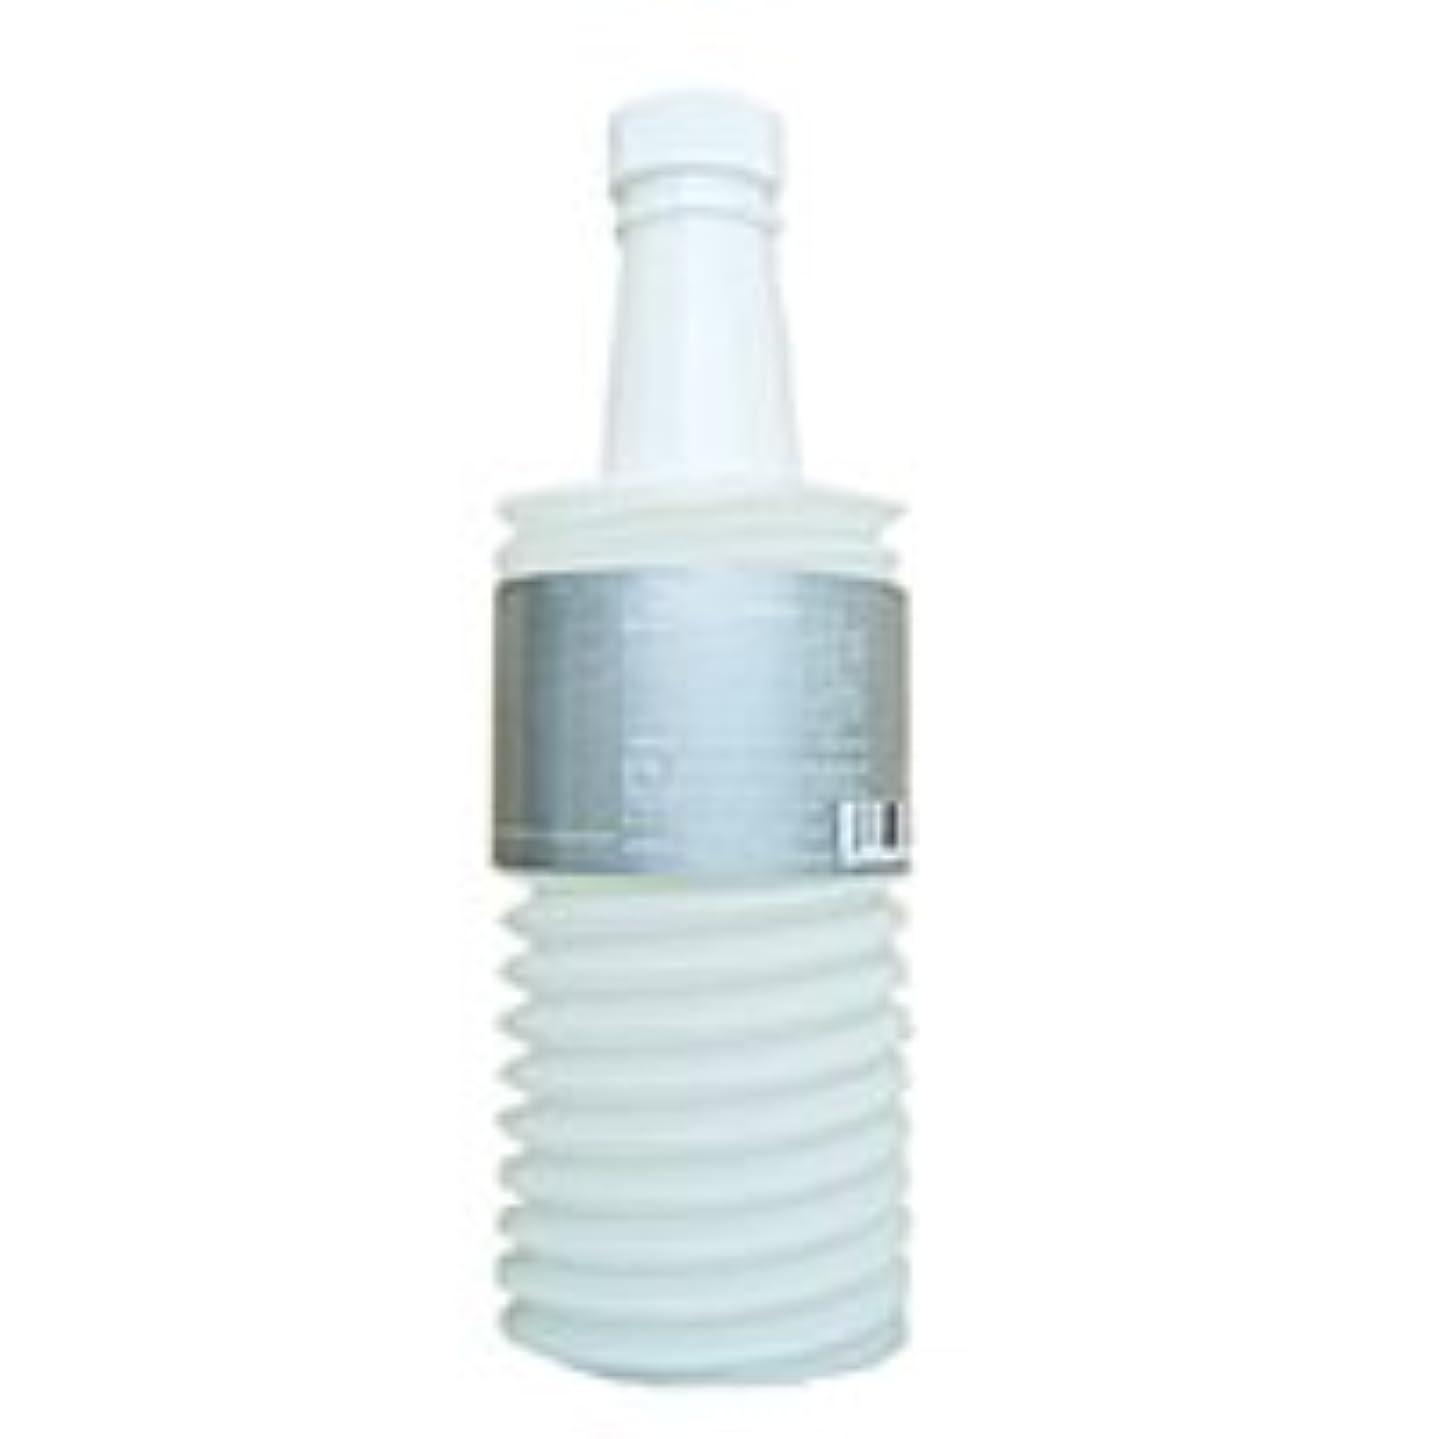 インク見分ける光沢のあるムコタ アデューラ アイレ08 フォーカラー ウィークリー 700g (業務用レフィル)